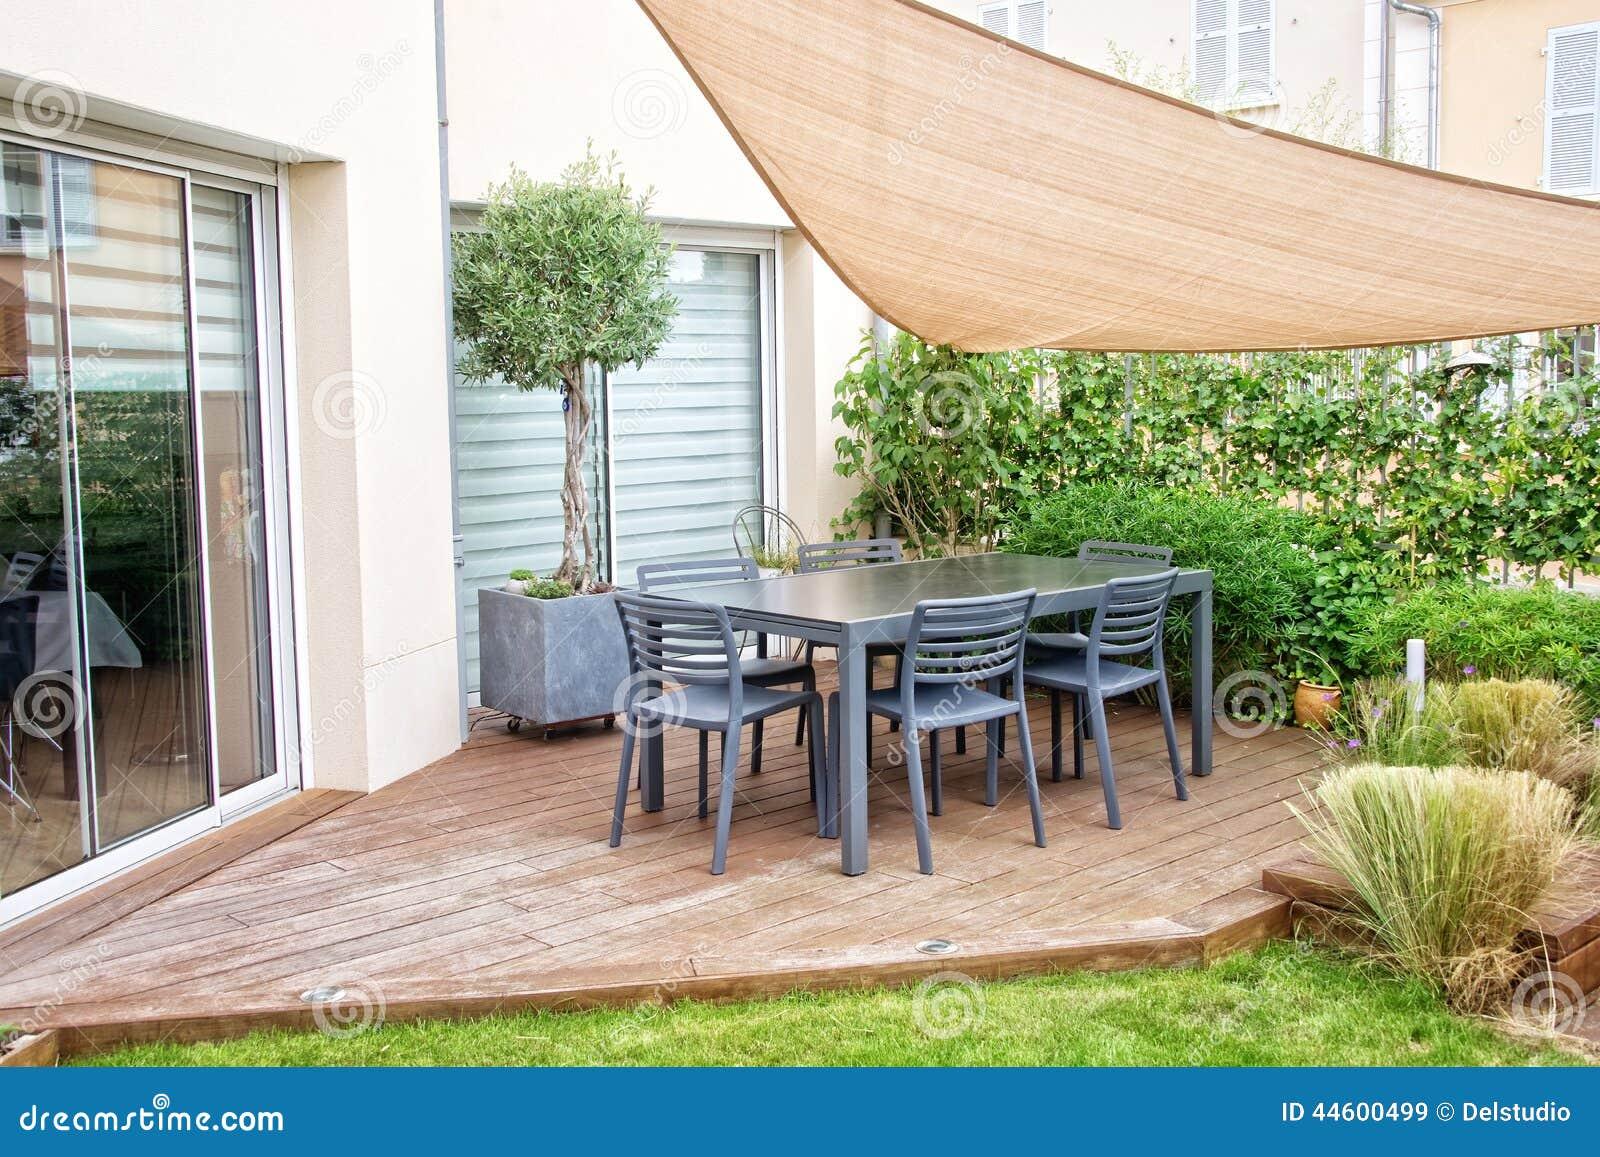 Moderne Terrasse stockbild. Bild von hölzern, plattform ...